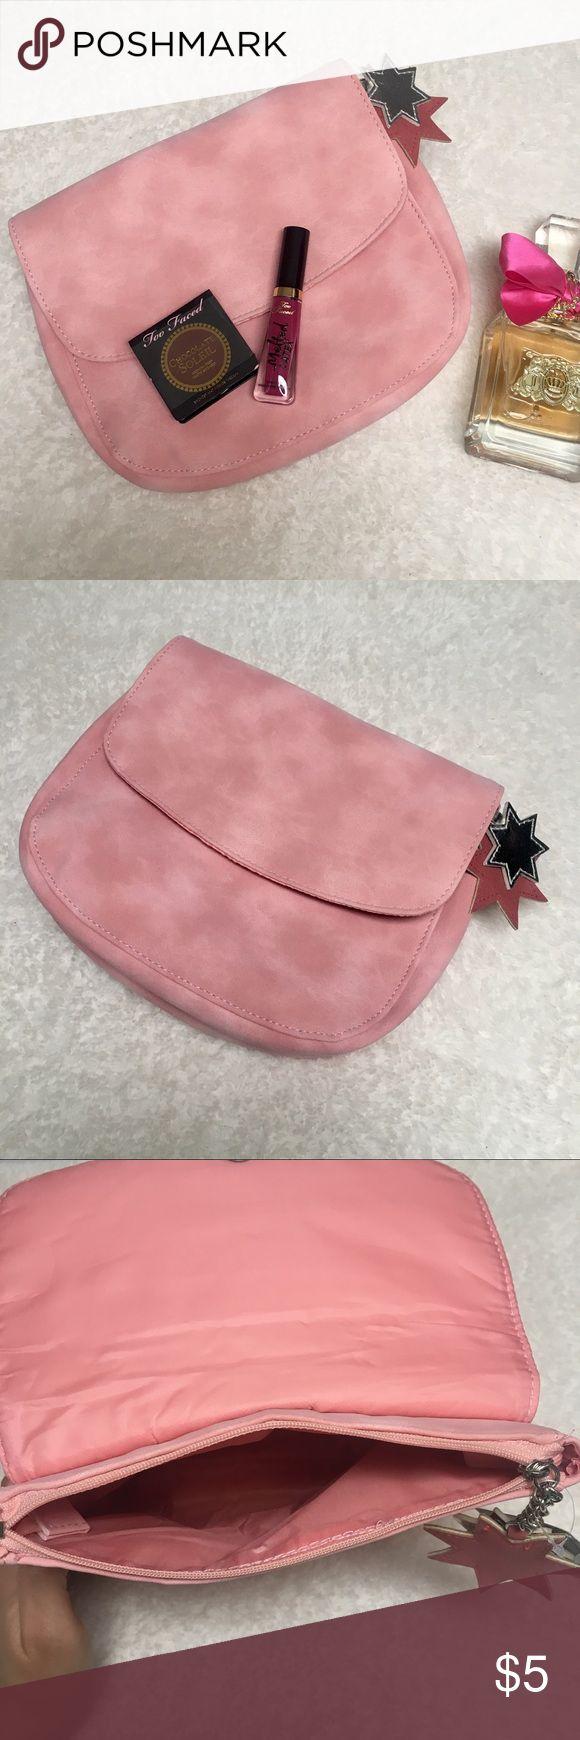 Makeup Bag Pink NWT Cute dusty pink makeup bag from Ulta